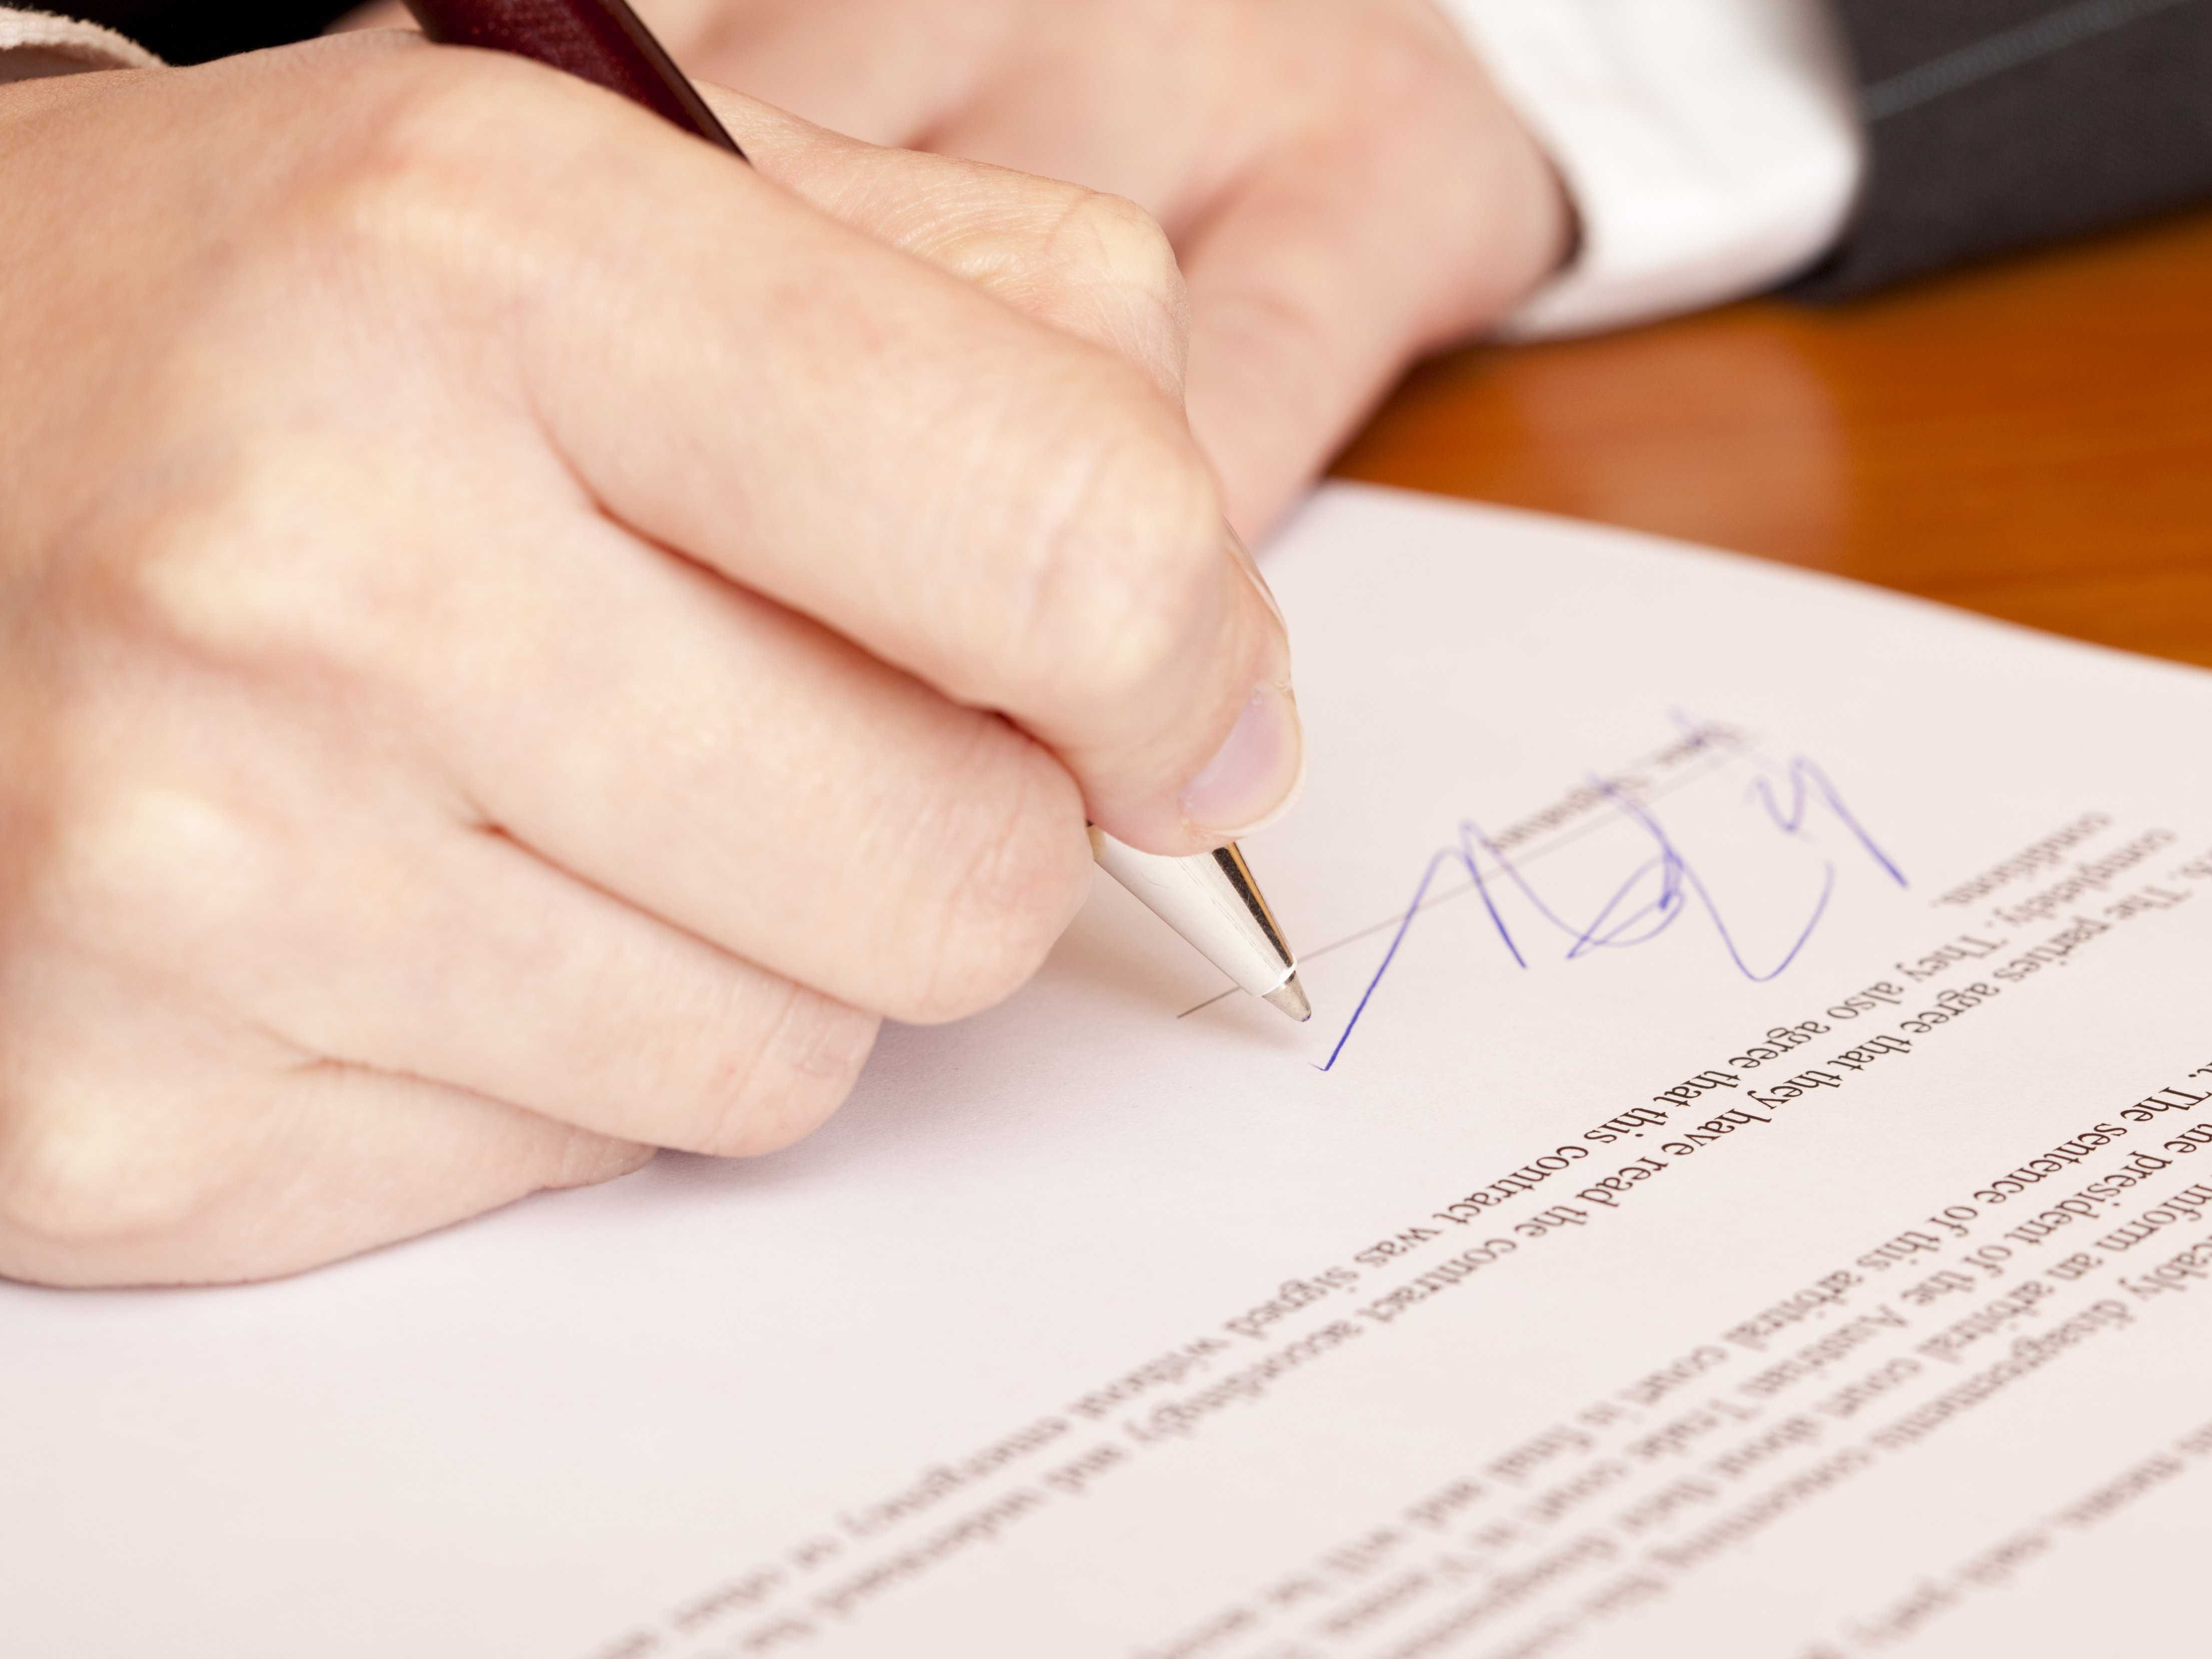 Hợp đồng tặng cho đất không cần chữ ký của người tặng cho?